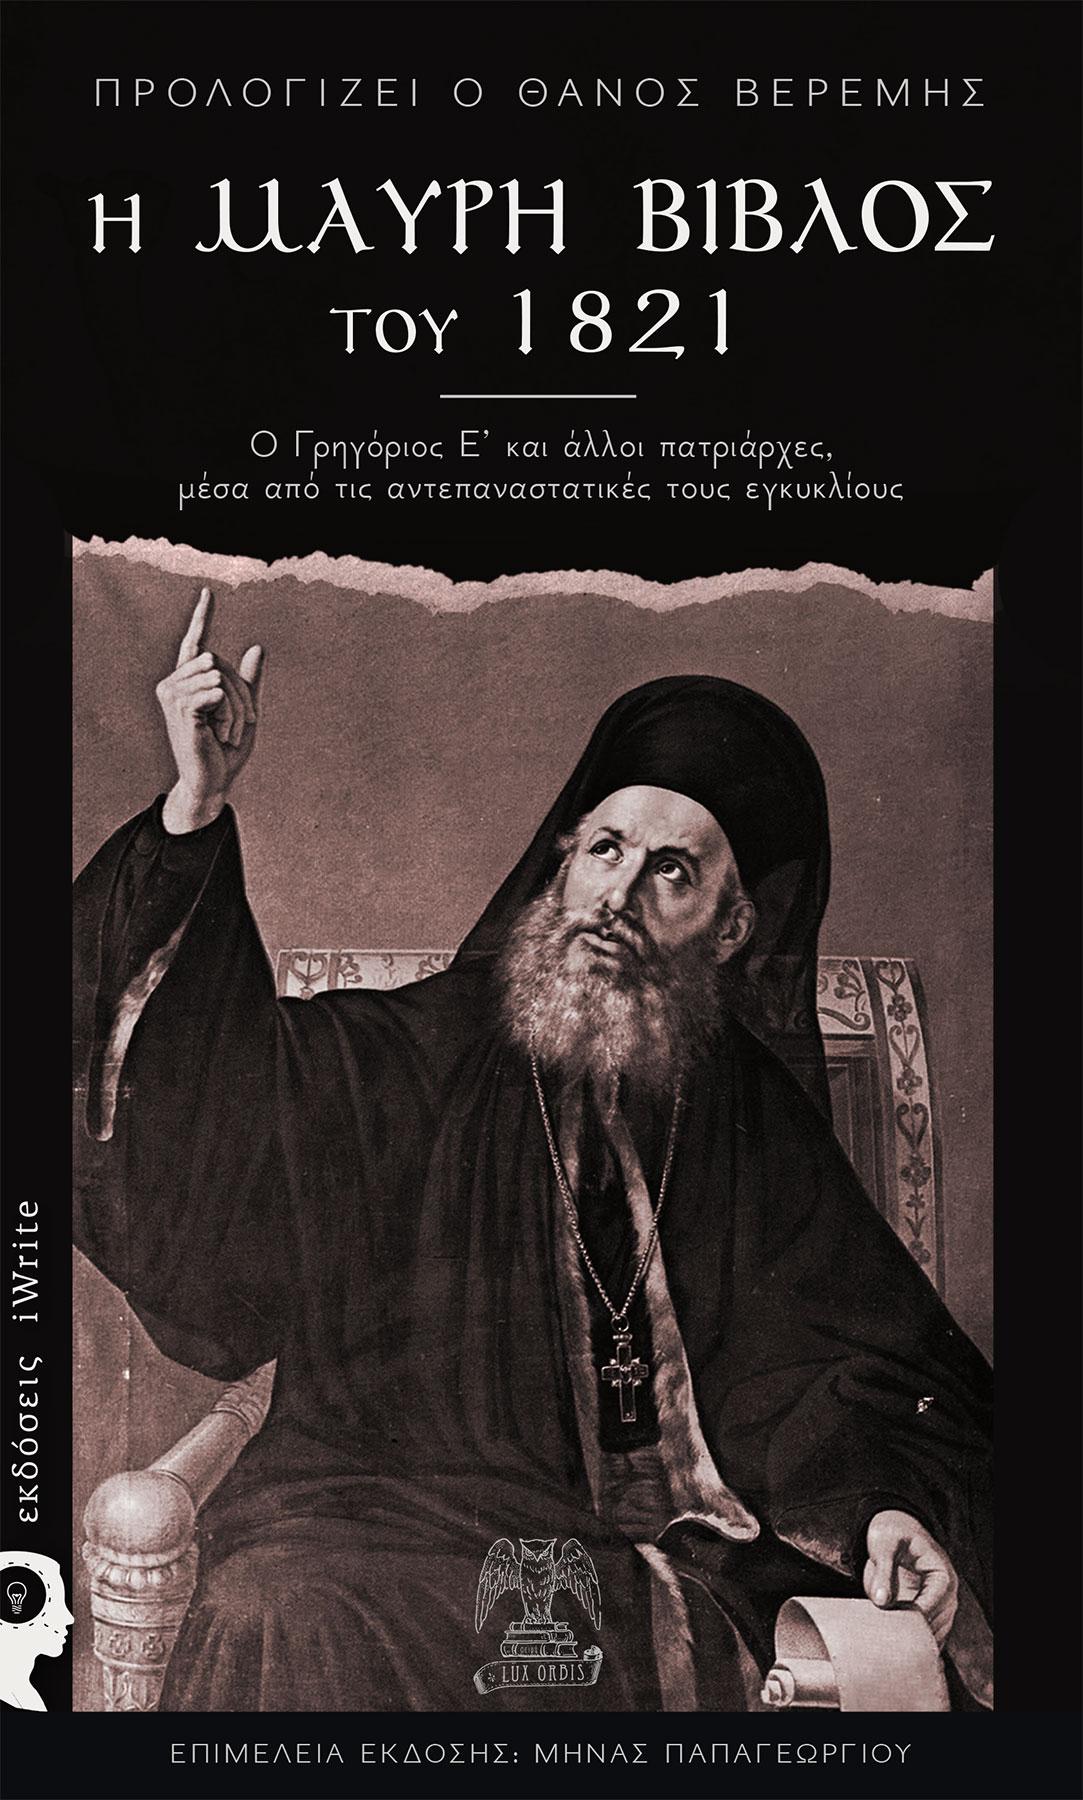 Βιβλίο: Η Μαύρη Βίβλος του 1821 – Η στάση της Εκκλησίας απέναντι στην Επανάσταση μέσα από πρωτότυπα κείμενα